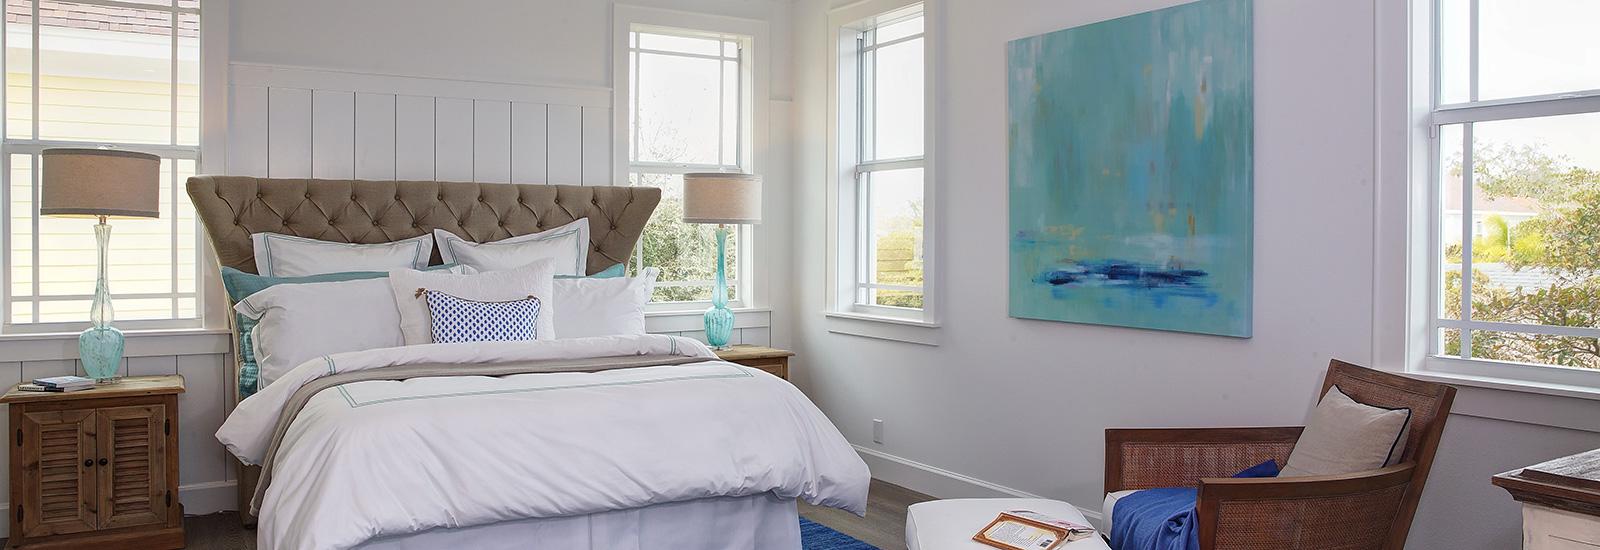 GranadaPark-bedroom.jpg